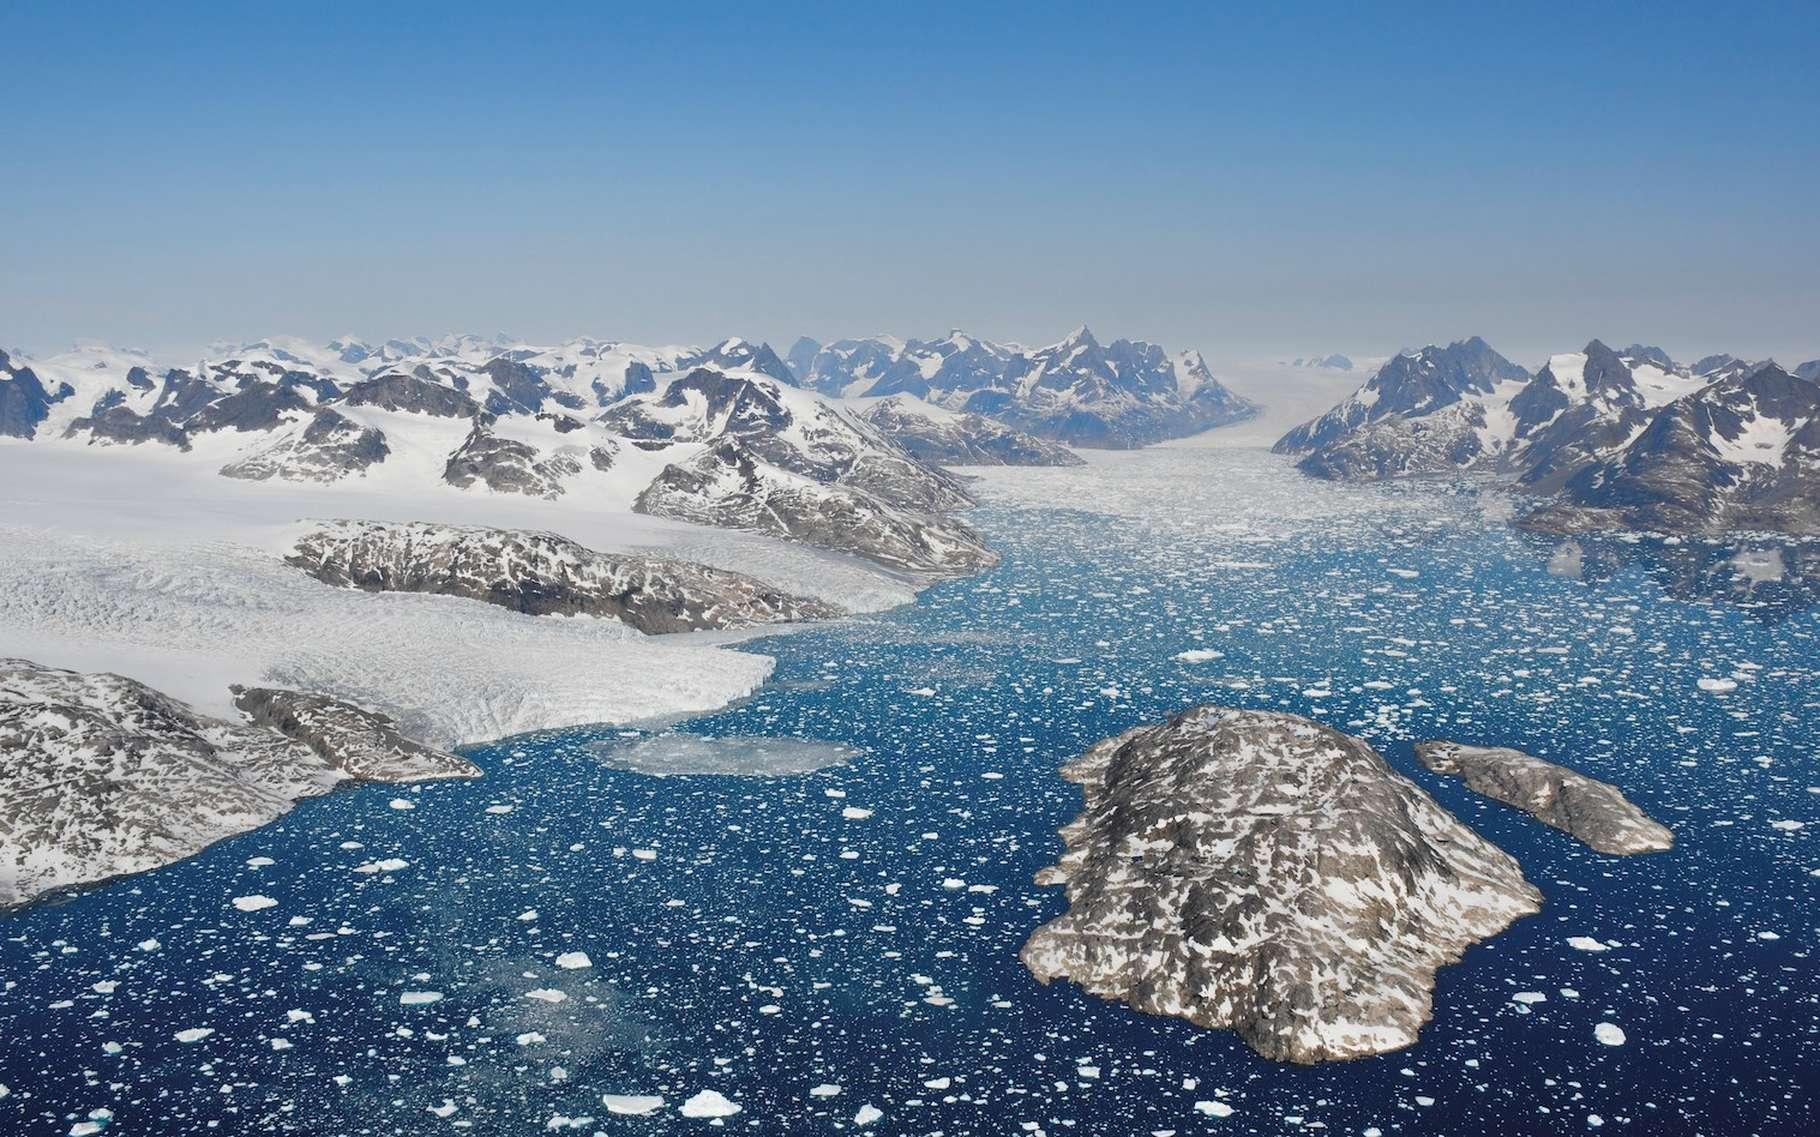 Avec le réchauffement climatique, les glaces des pôles diminuent un peu plus chaque année. © Benoit Lecavalier, IMBIE